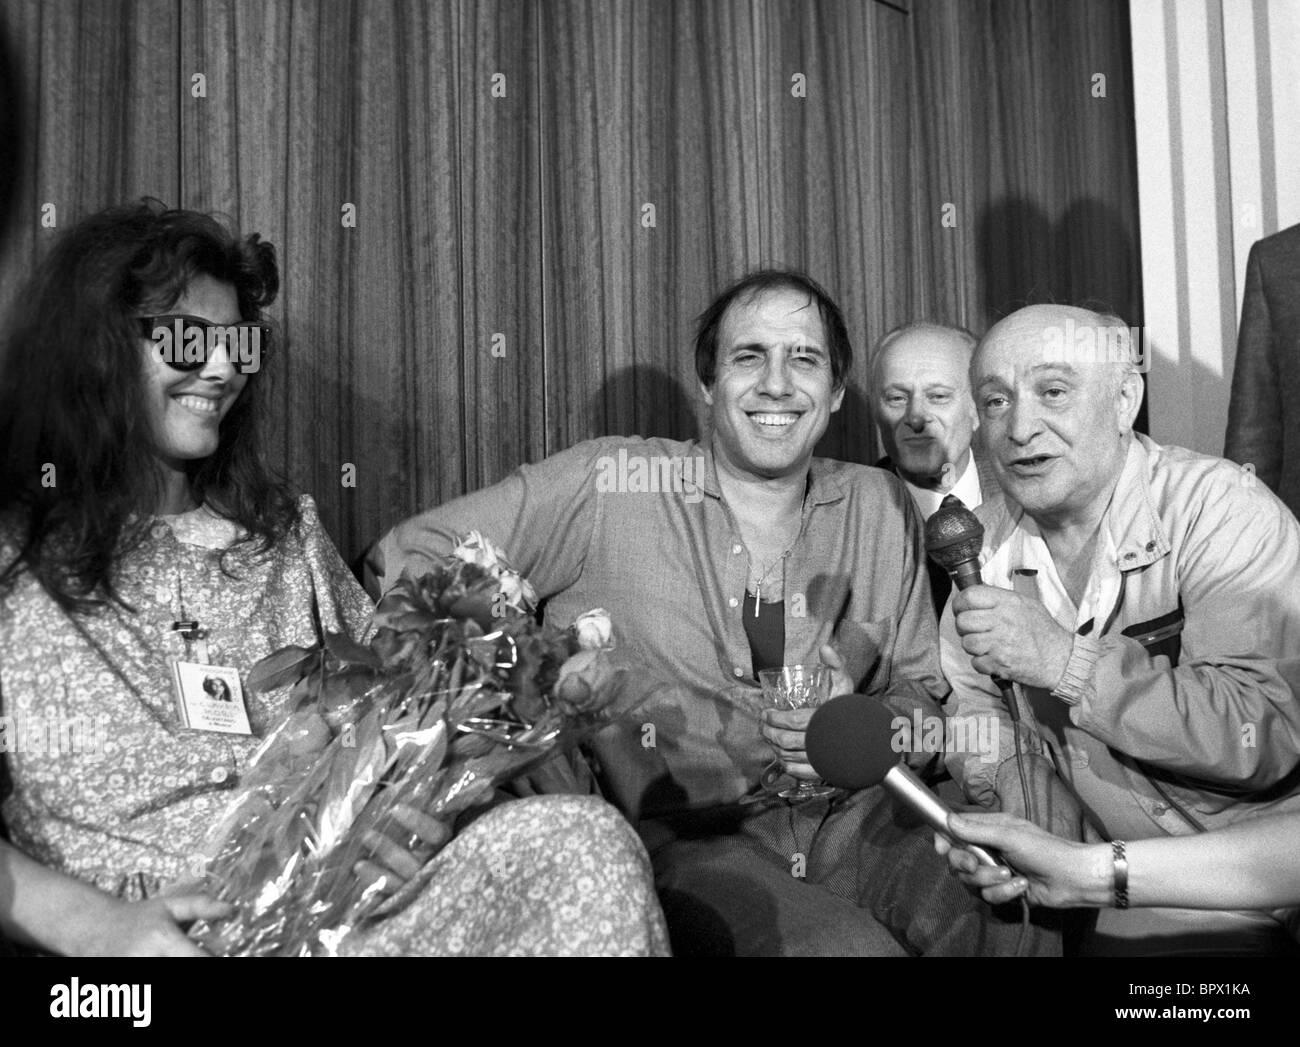 Adriano Celentano, 1987 - Stock Image